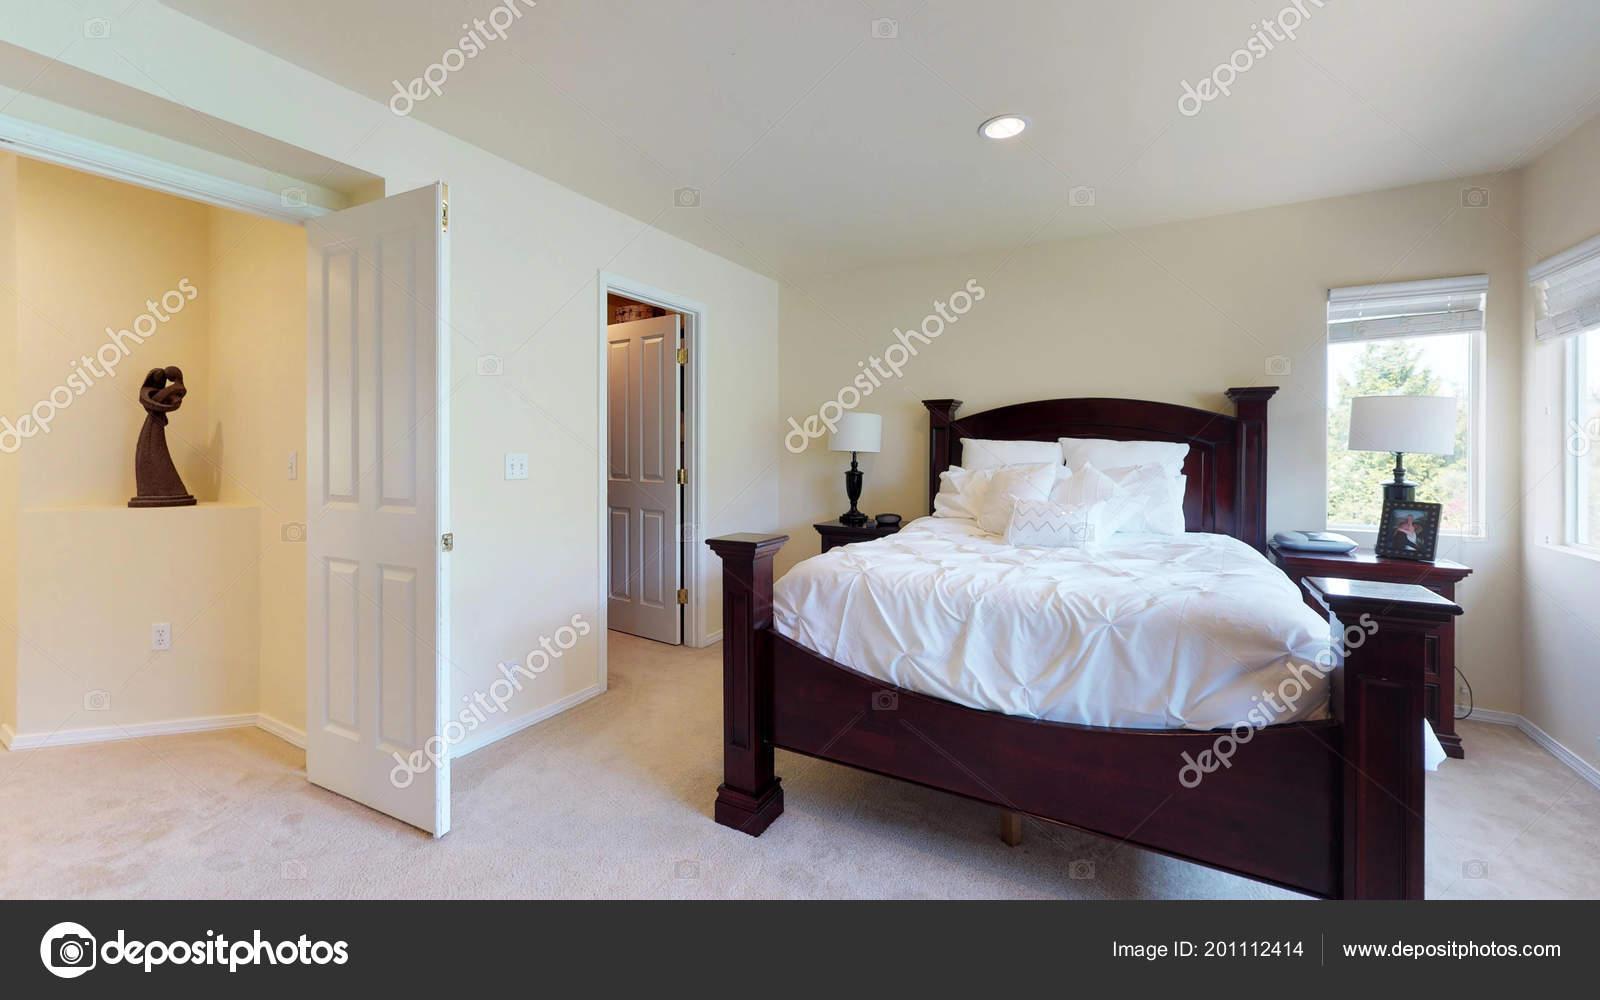 Intérieur Élégant Chambre Coucher Avec Lit King Sizeu2013 Images De Stock  Libres De Droits